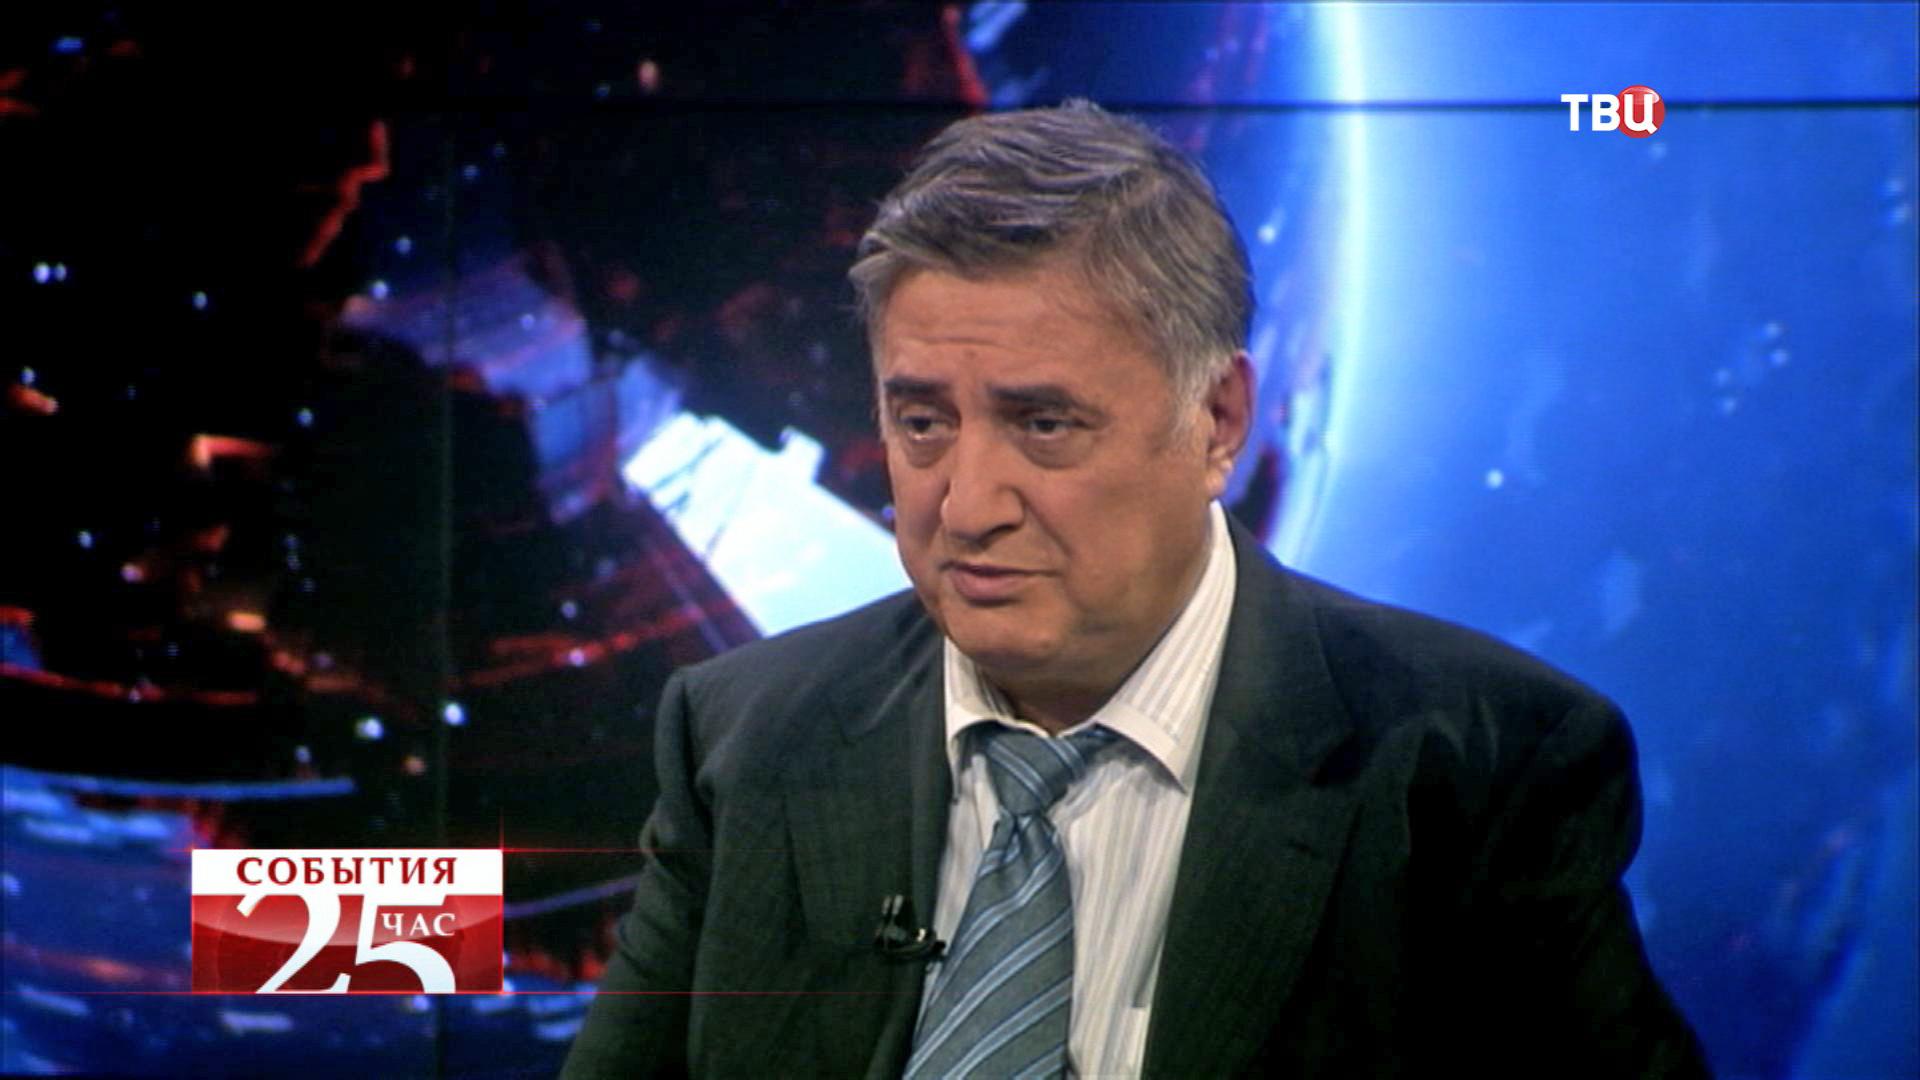 Директор центра изучения стран Ближнего Востока и Центральной Азии Семён Багдасаров